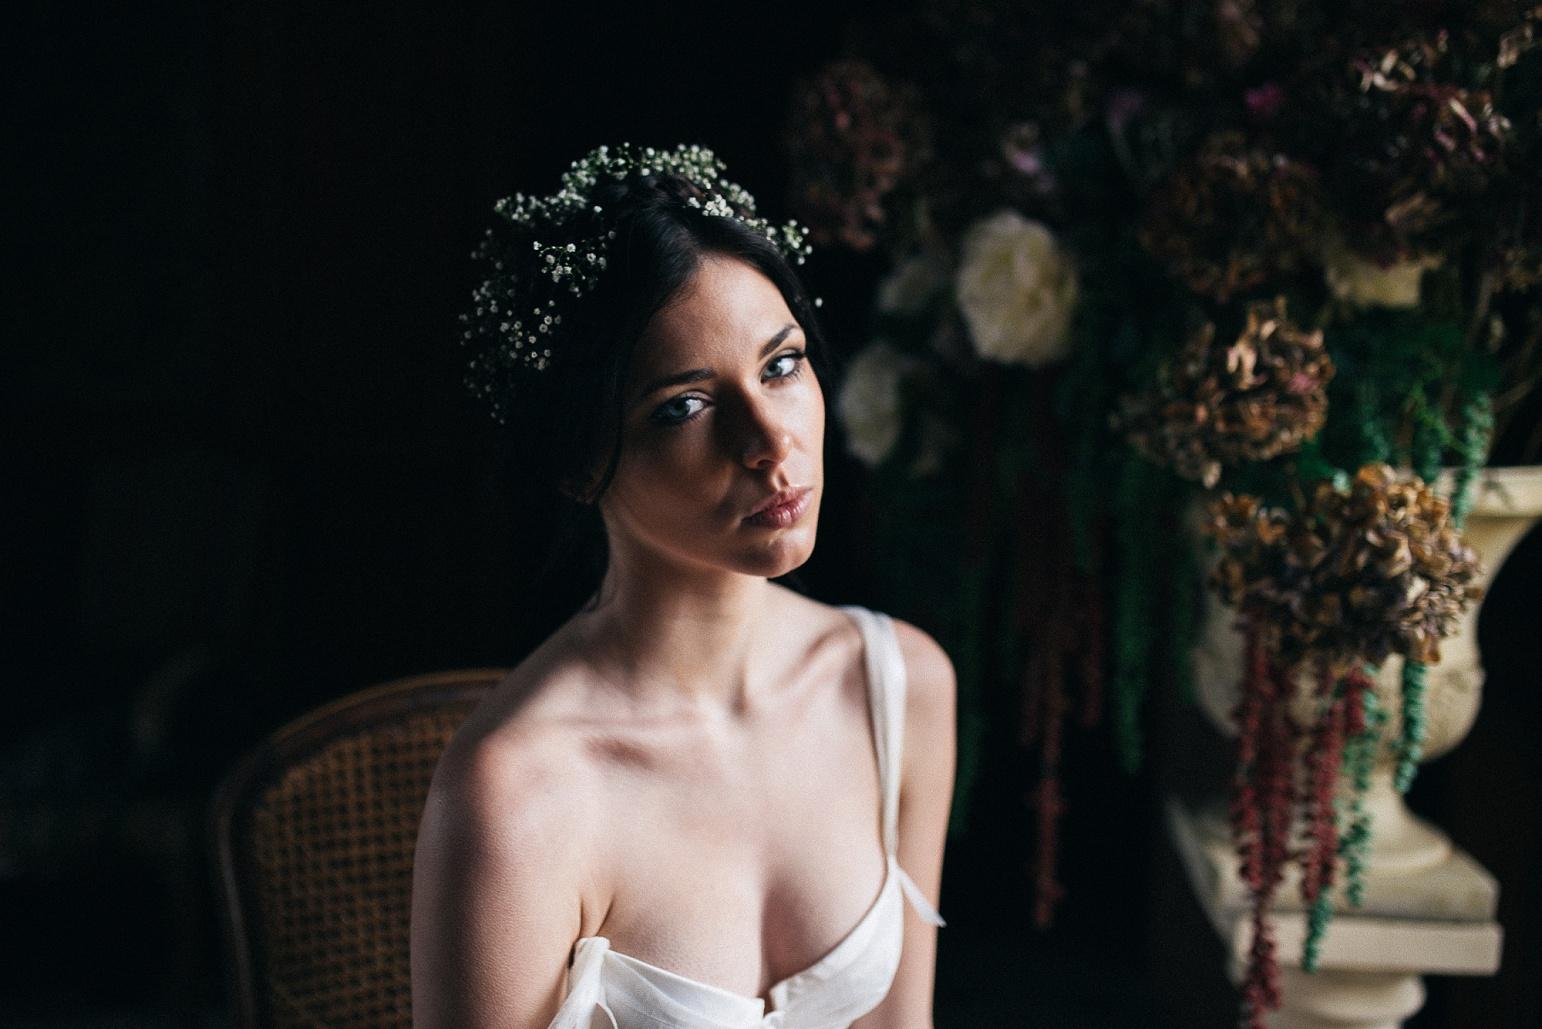 katerynaphotos-mariage-photographe-paysdelaloire-lemans-sarthe-sud_0586.jpg